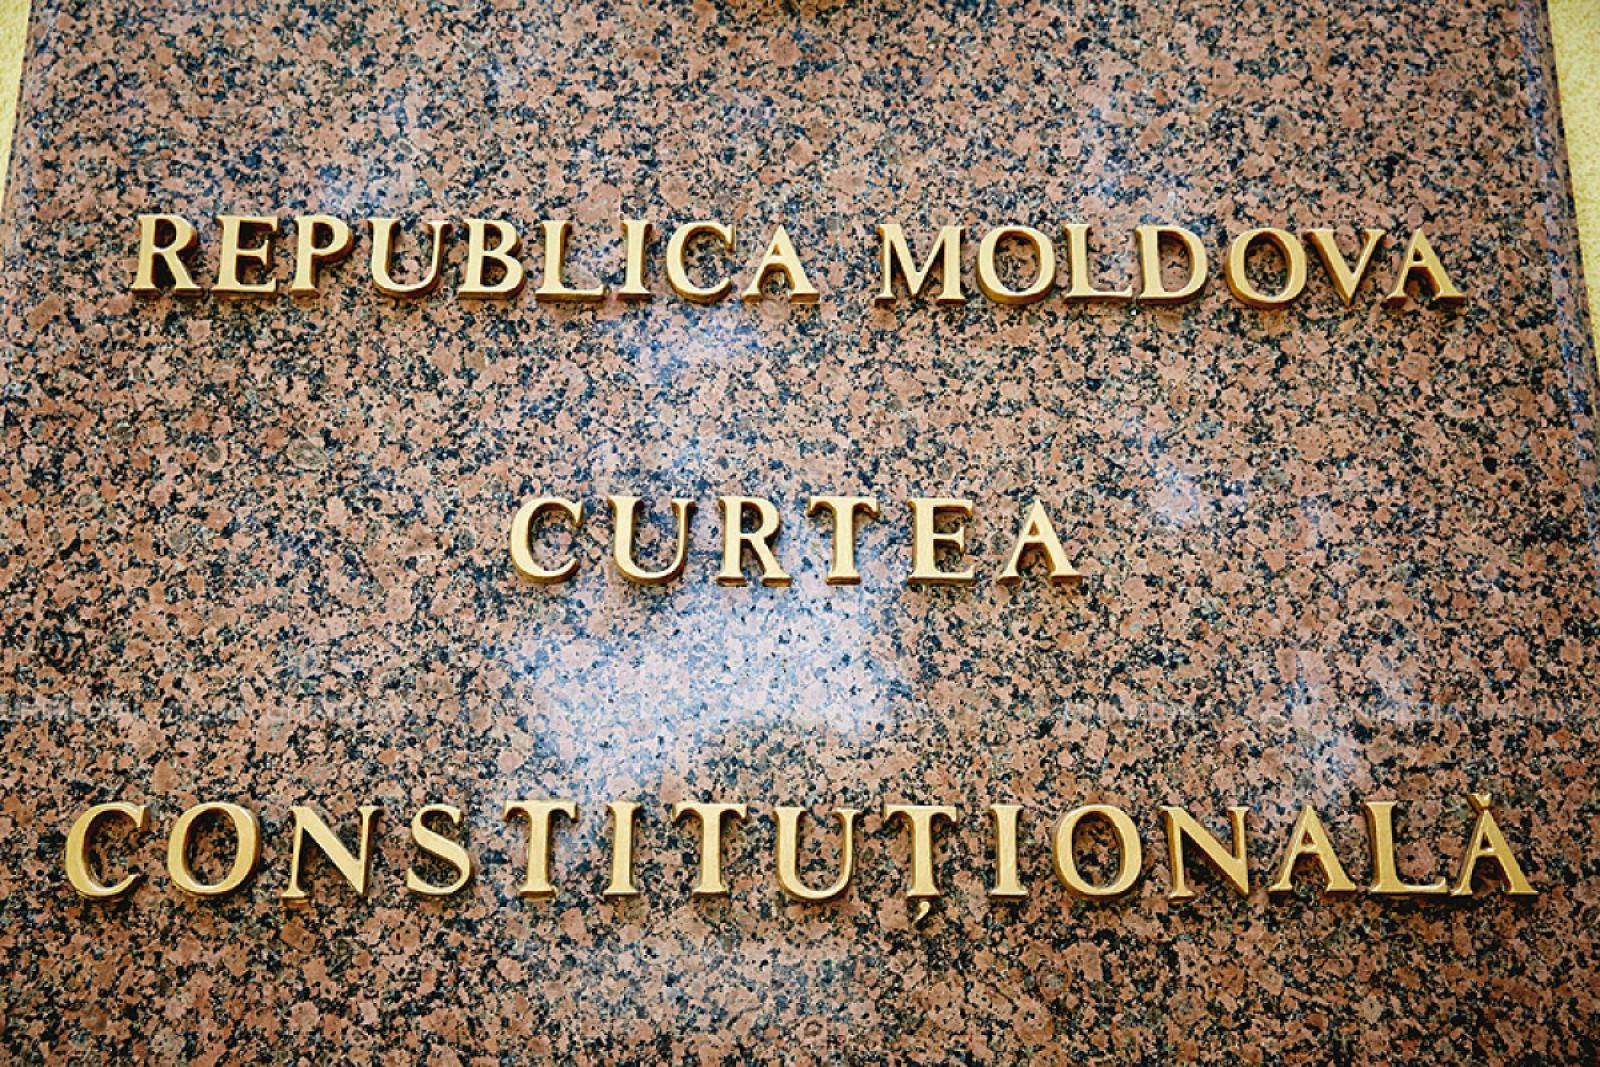 (video/update) Curtea Constituțională a admis parțial sesizarea depusă de liberali cu privire la funcționarea limbilor vorbite pe teritoriul RM